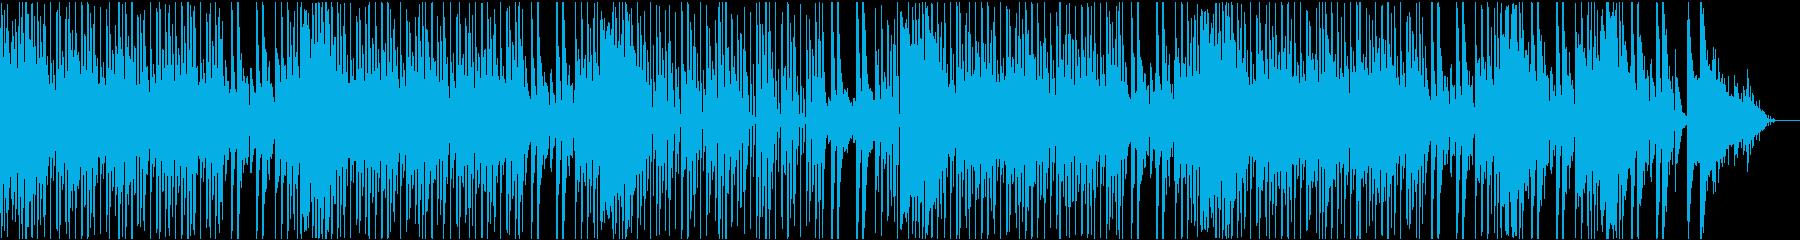 スキャットのかわいいポップロックの再生済みの波形